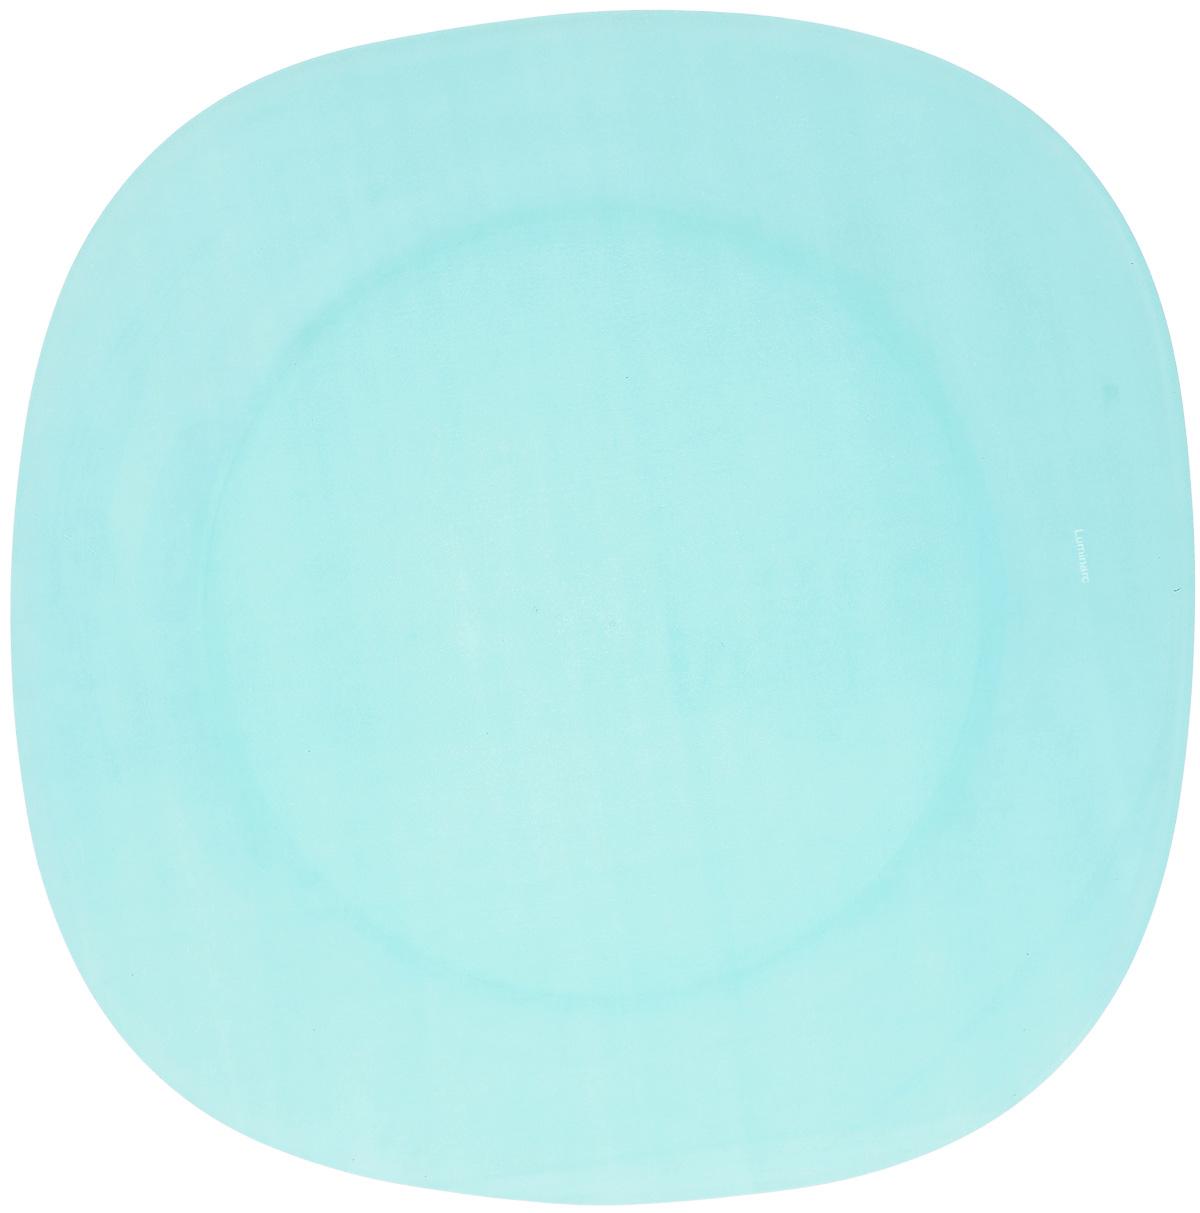 Тарелка обеденная Luminarc Colorama Blue, 25,5 х 25,5 см115610Обеденная тарелка Luminarc Colorama Blue, изготовленная из высококачественного стекла, имеет изысканный внешний вид. Яркий дизайн придется по вкусу и ценителям классики, и тем, кто предпочитает утонченность. Тарелка Luminarc Colorama Blue идеально подойдет для сервировки вторых блюд из птицы, рыбы, мяса или овощей, а также станет отличным подарком к любому празднику.Размер тарелки (по верхнему краю): 25,5 х 25,5 см.